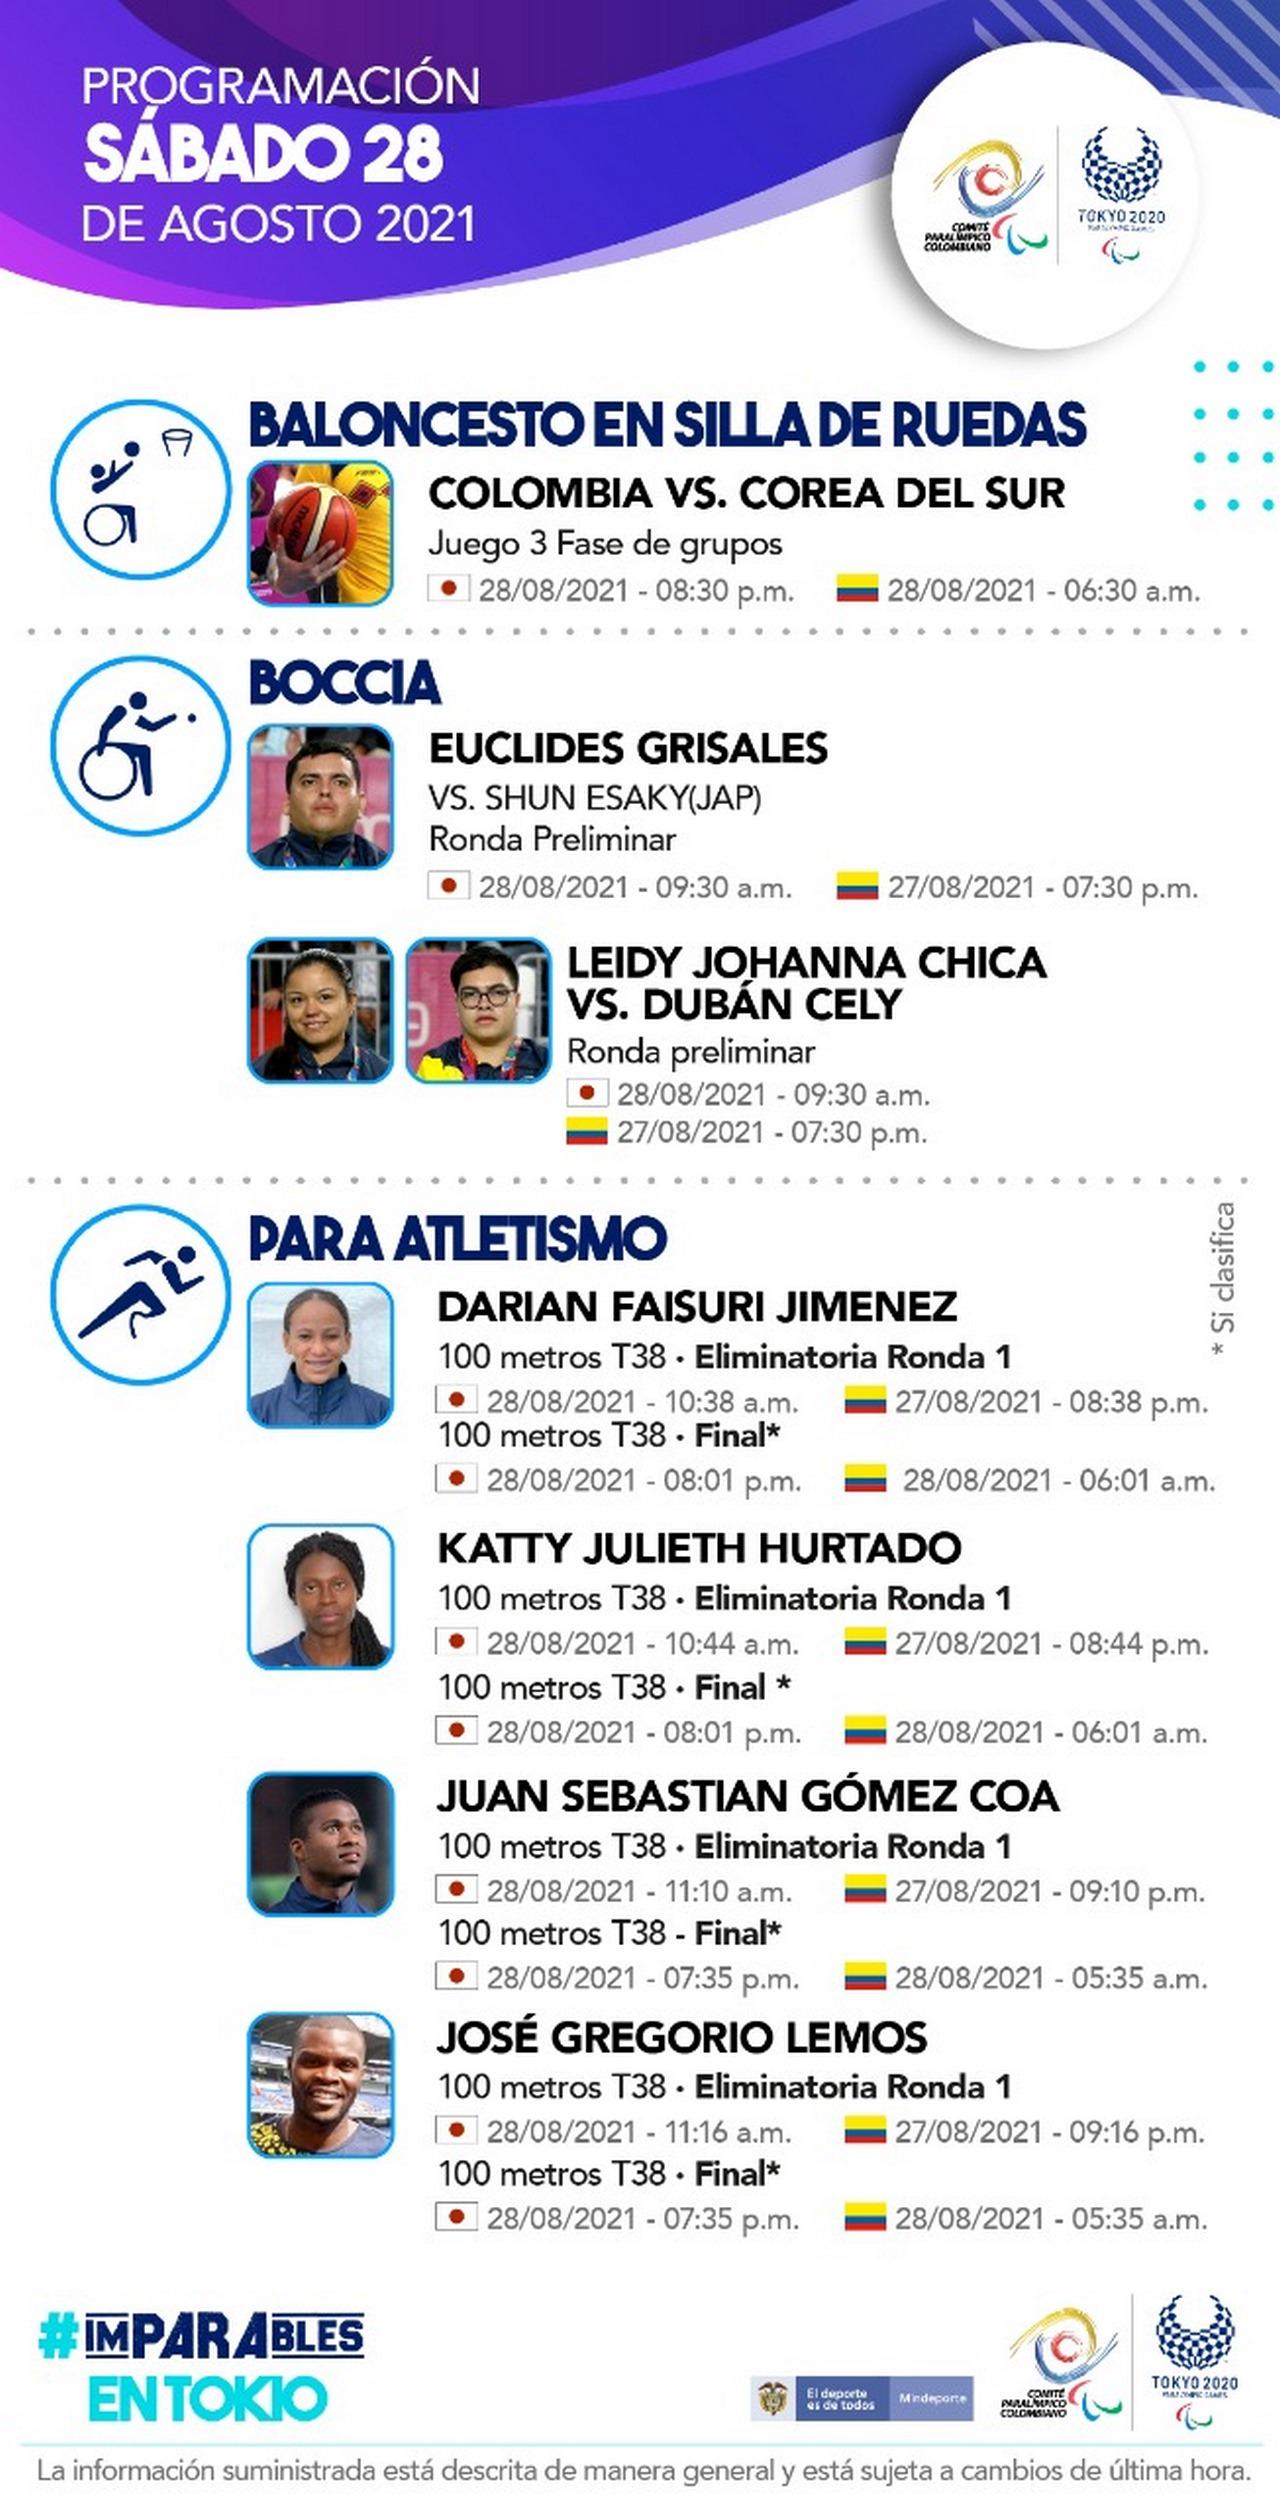 Programacion deportistas colombianos cuarta jornada de Juegos Paralimpicos 1